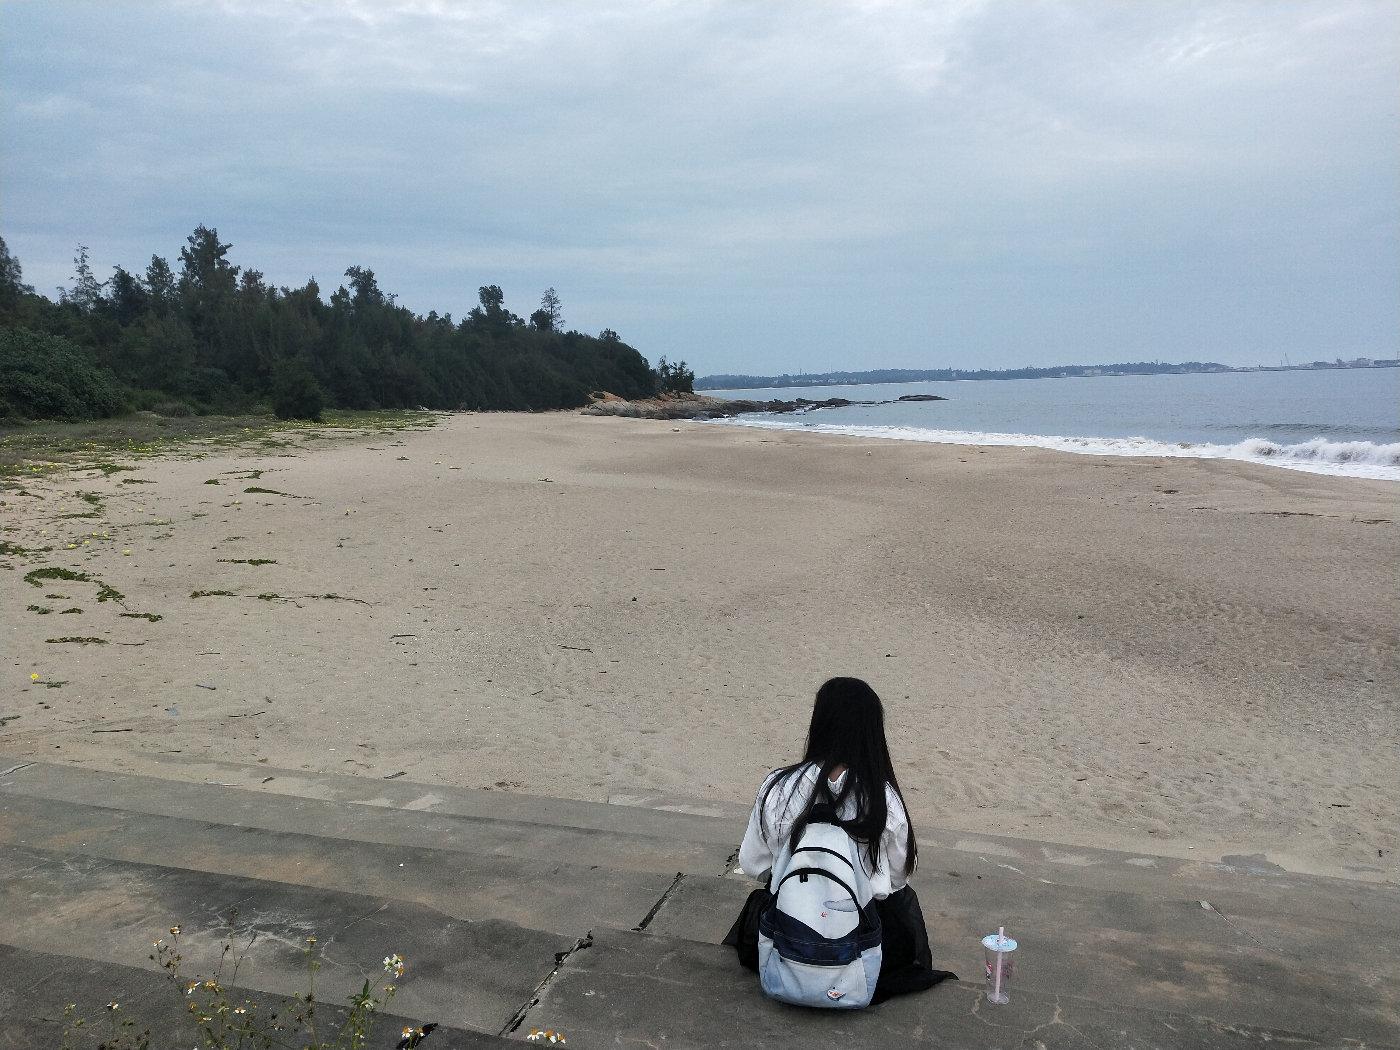 面朝大海,只想静静